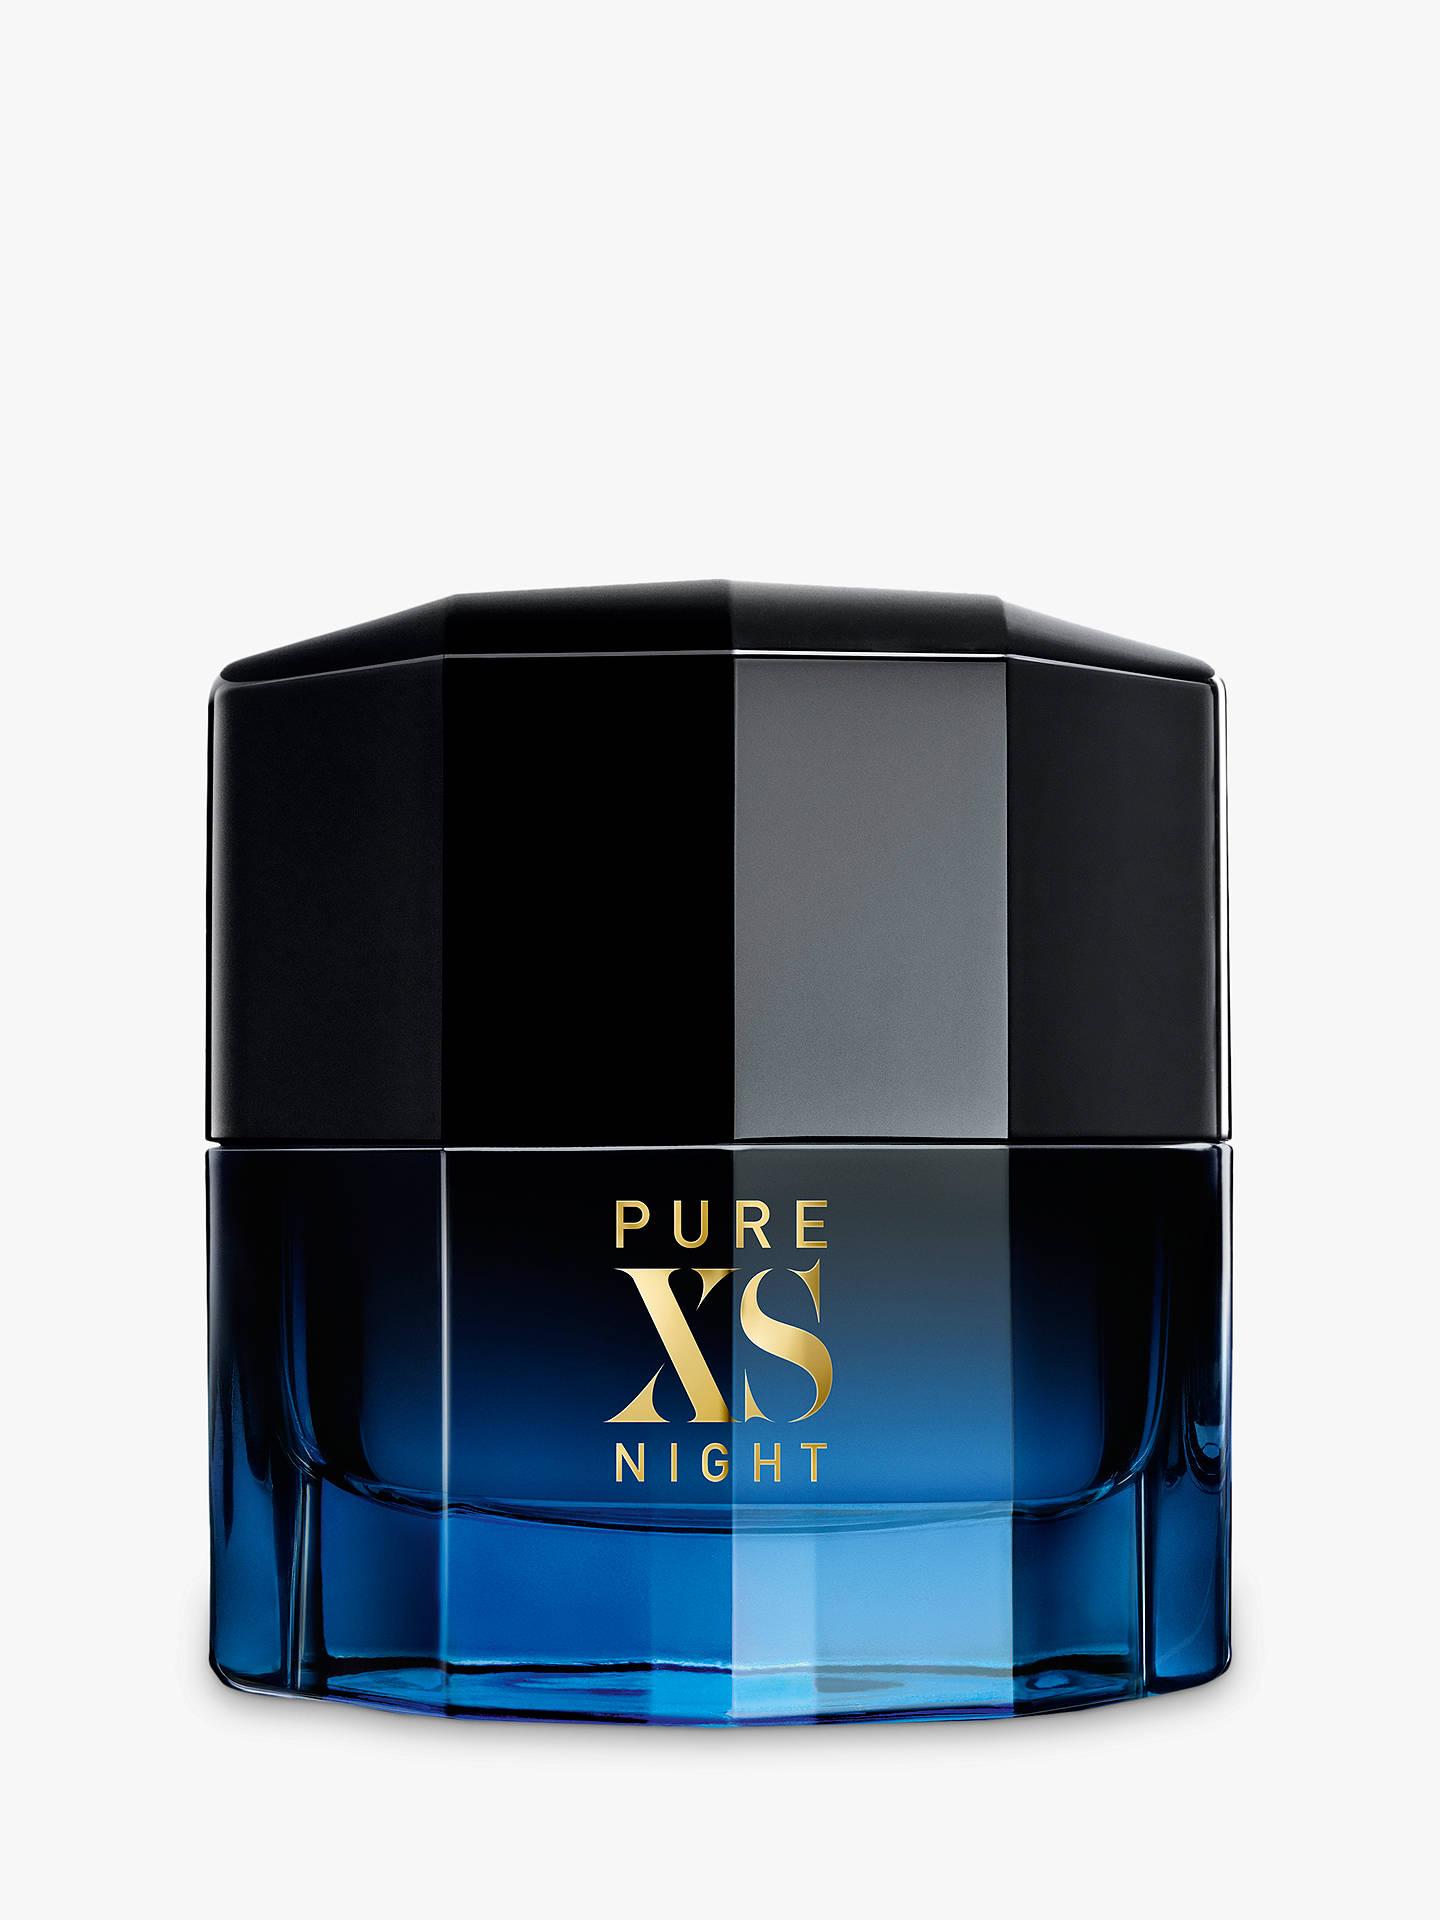 2df6e56194 Paco Rabanne Pure XS Night Eau de Parfum at John Lewis   Partners